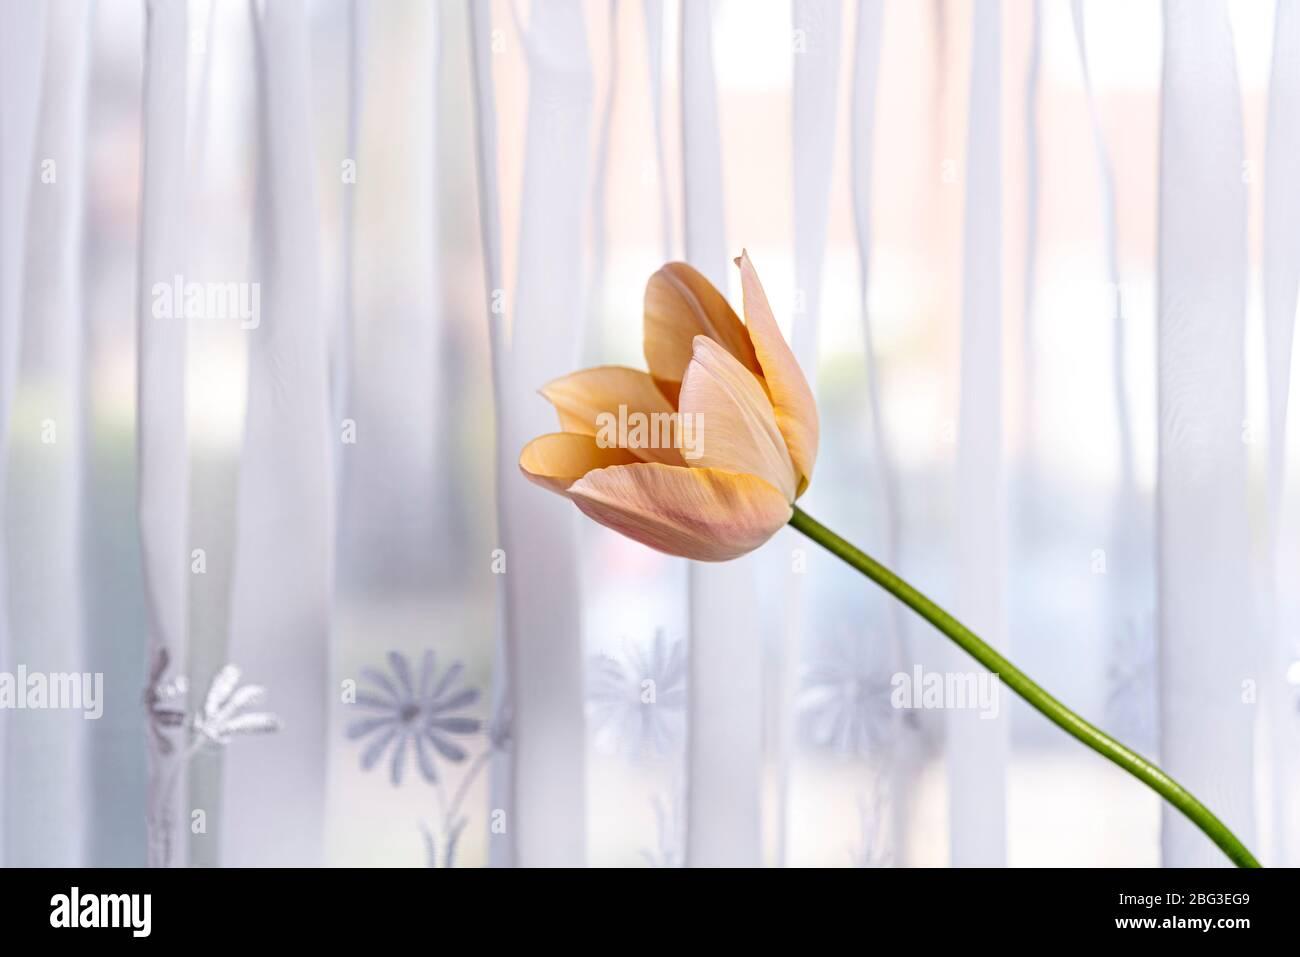 Einzelne Tulpe gegen einen Netzvorhang im Fenster. Stockfoto